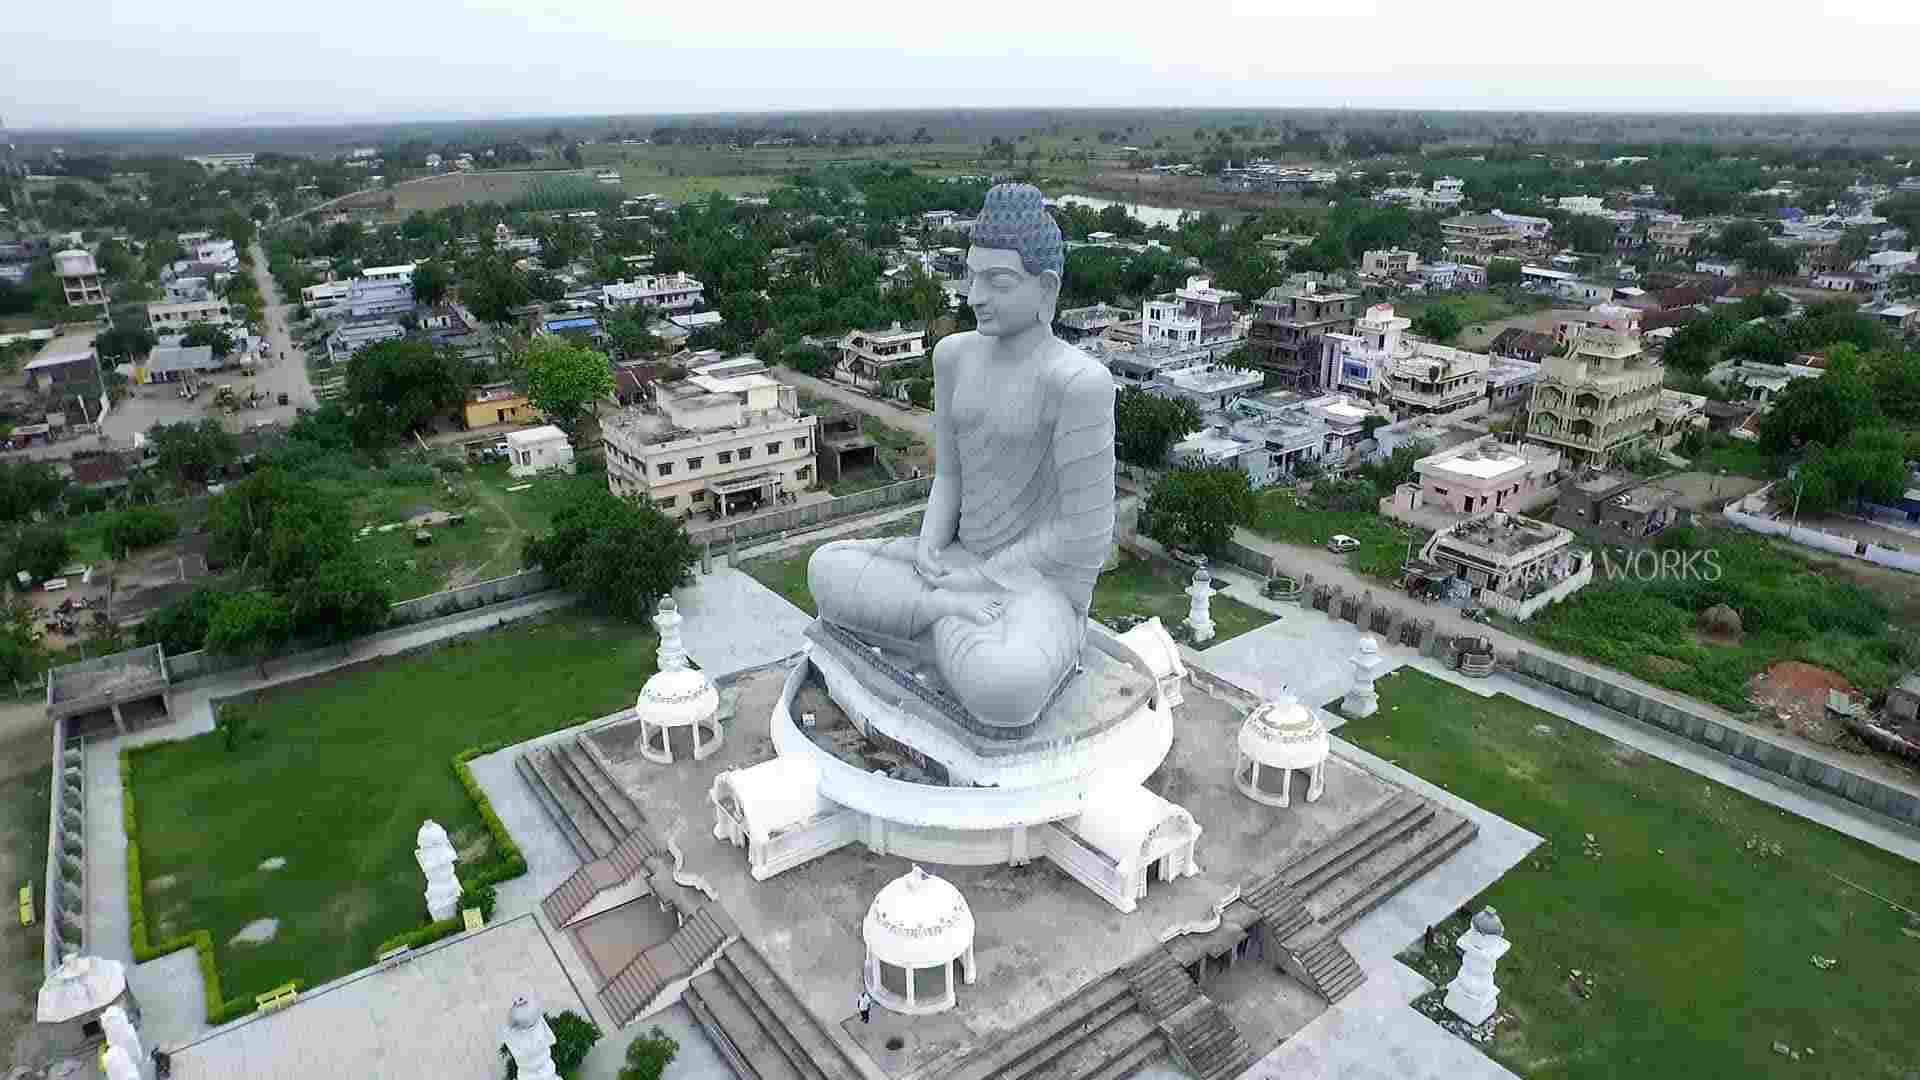 ఇకపై ఆంధ్రప్రదేశ్ కు నాలుగు రాజధానులు : ఎంపీ టీజీ వెంకటేష్